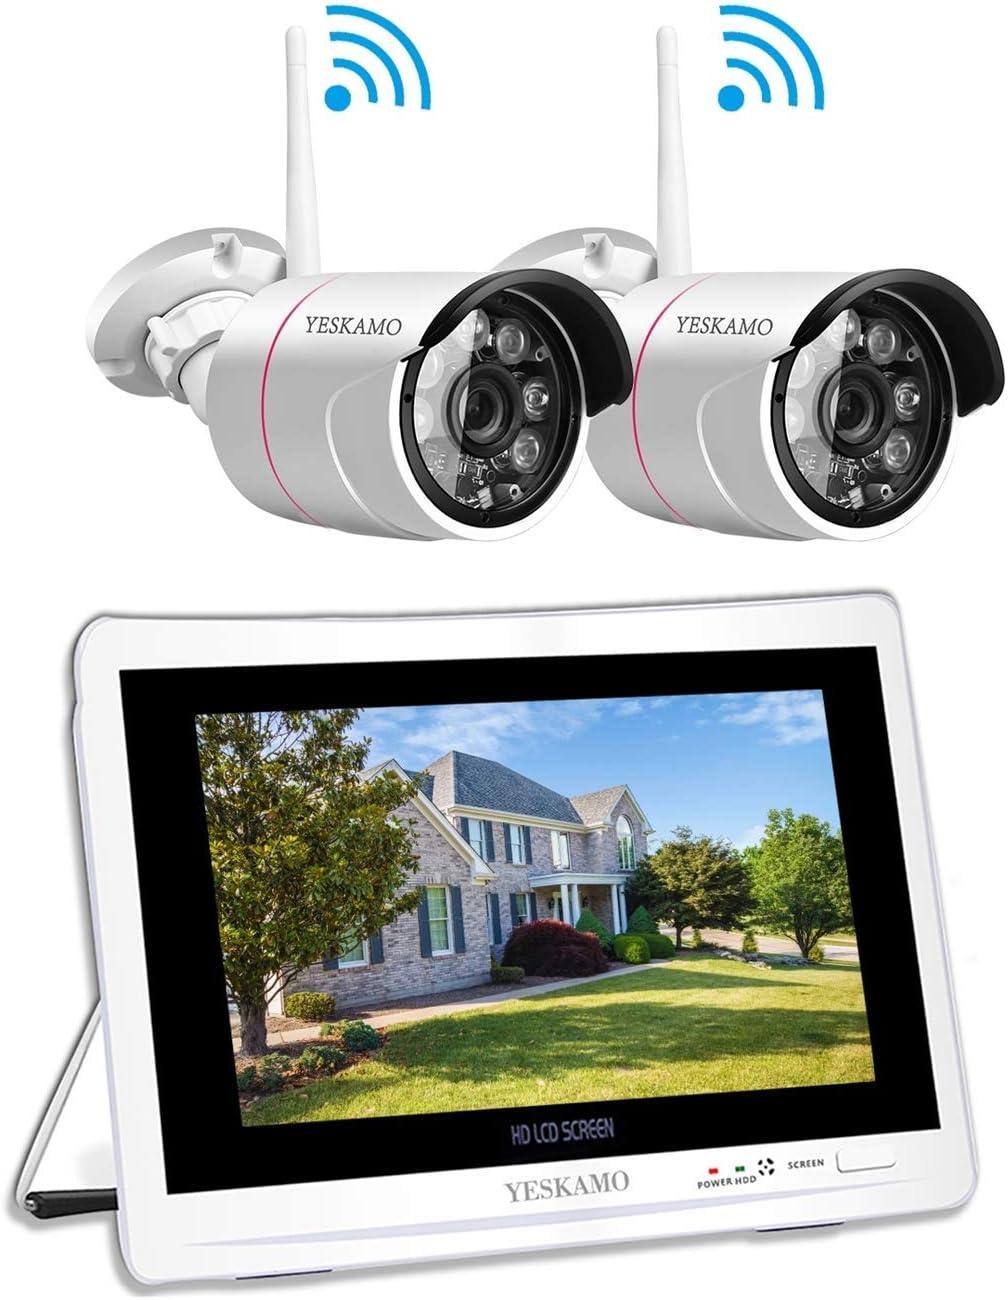 Überwachungskamera Set Aussen WLAN mit 9 Zoll Monitor, YESKAMO  Videoüberwachung NVR Funk Überwachungssystem mit 9TB Festplatte, 9m  Nachtsicht,